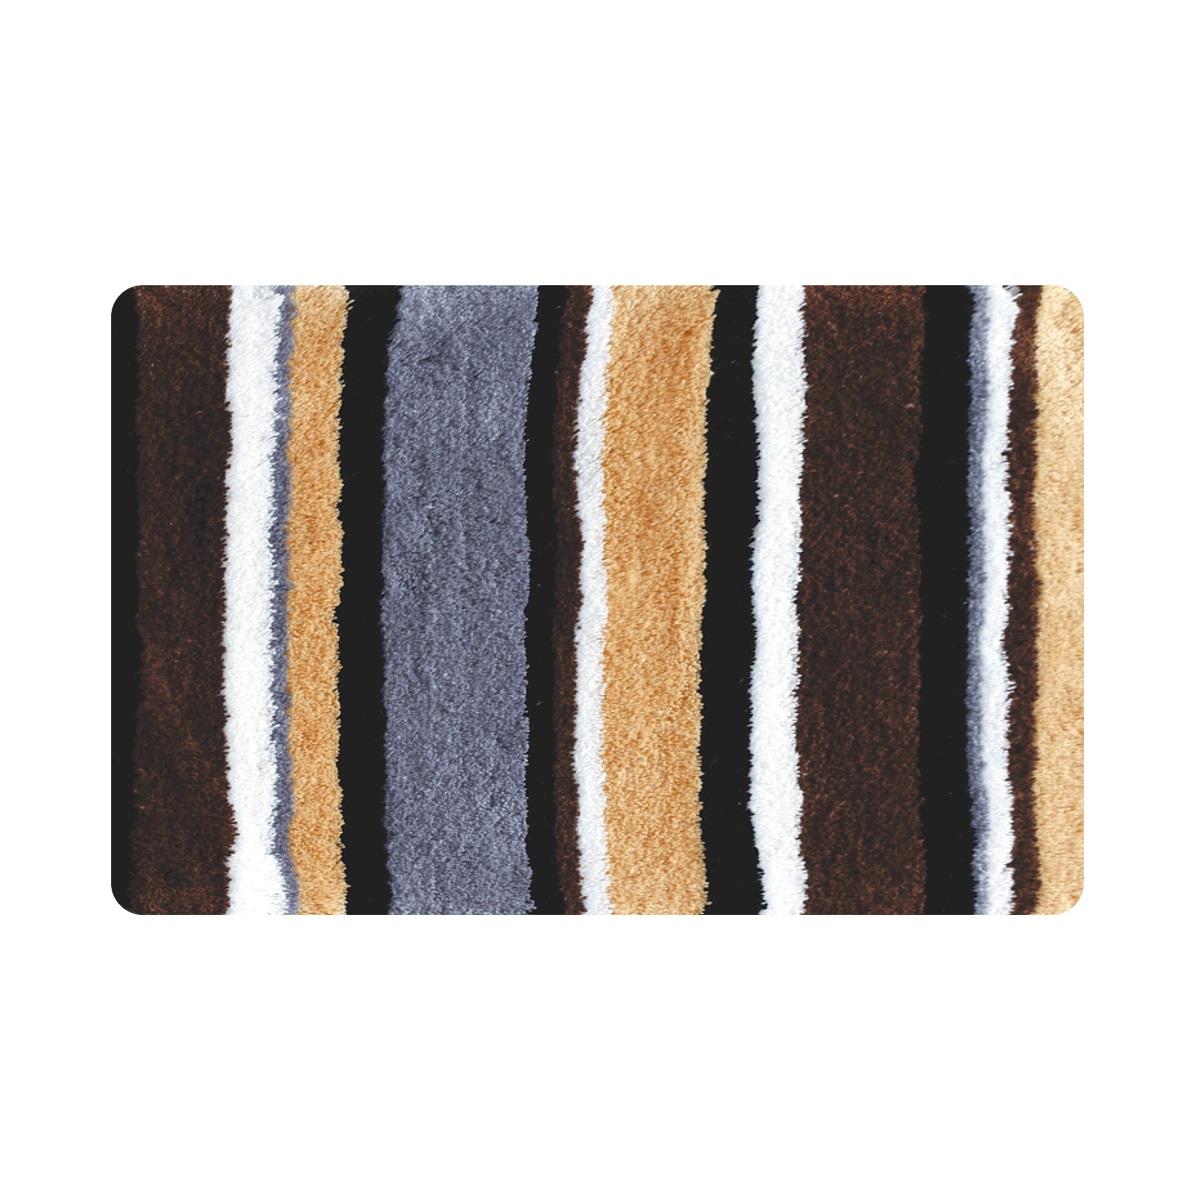 Коврик для ванной Iddis Catalonia fields, цвет: коричневый, 50 х 80 смMID198M100% Полиэстеровый тканный коврик для ванной комнаты на латексной основе. Высота ворса 2.5см